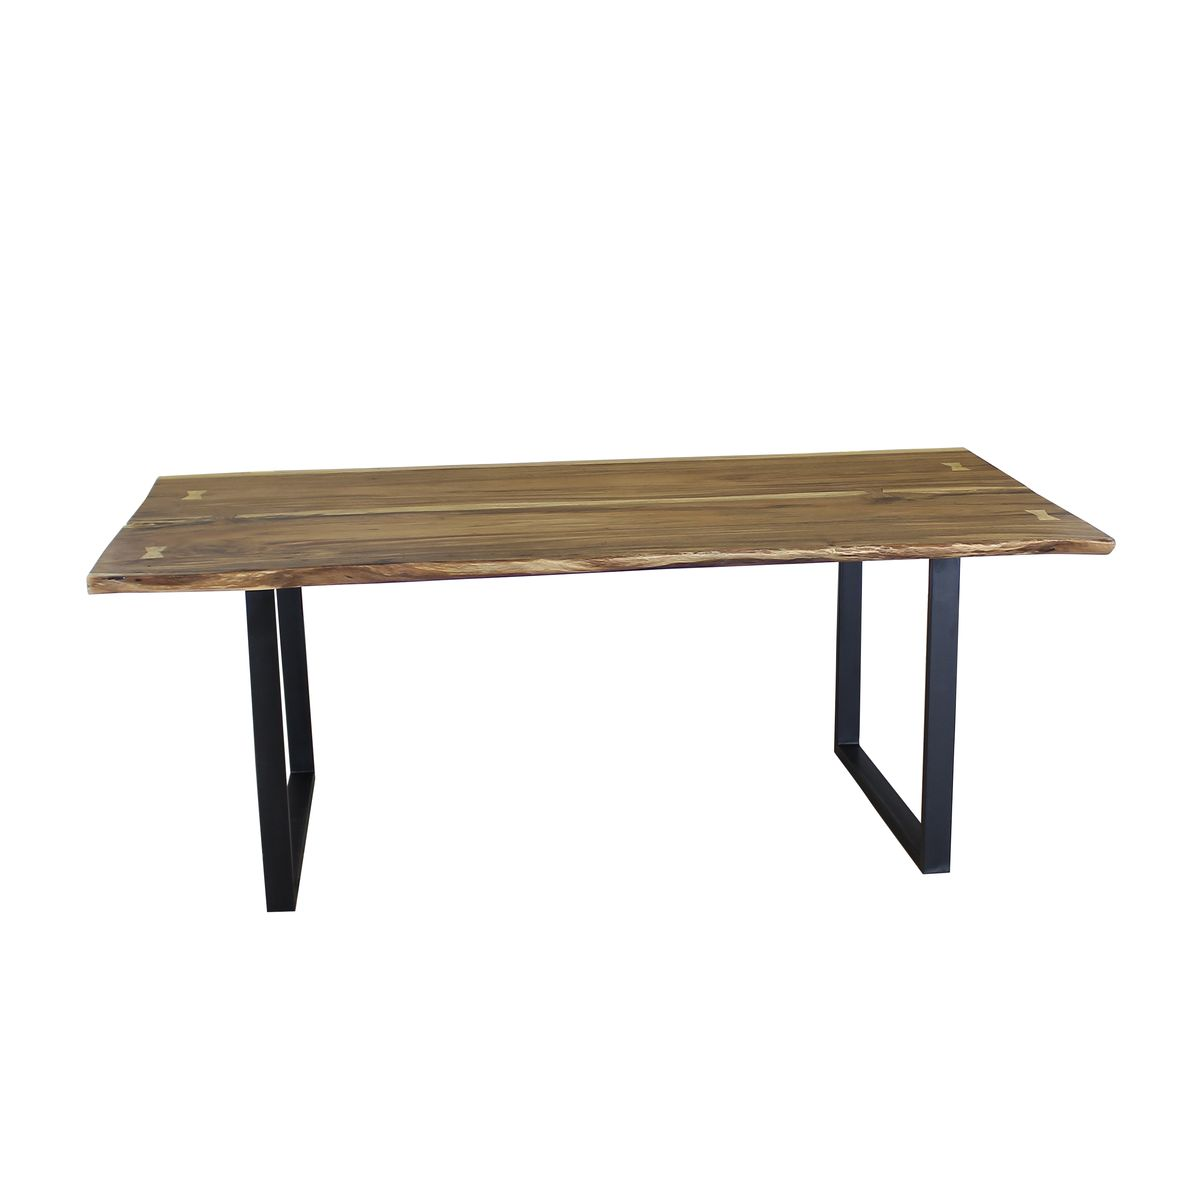 Table en bois d'acacia 2.5m